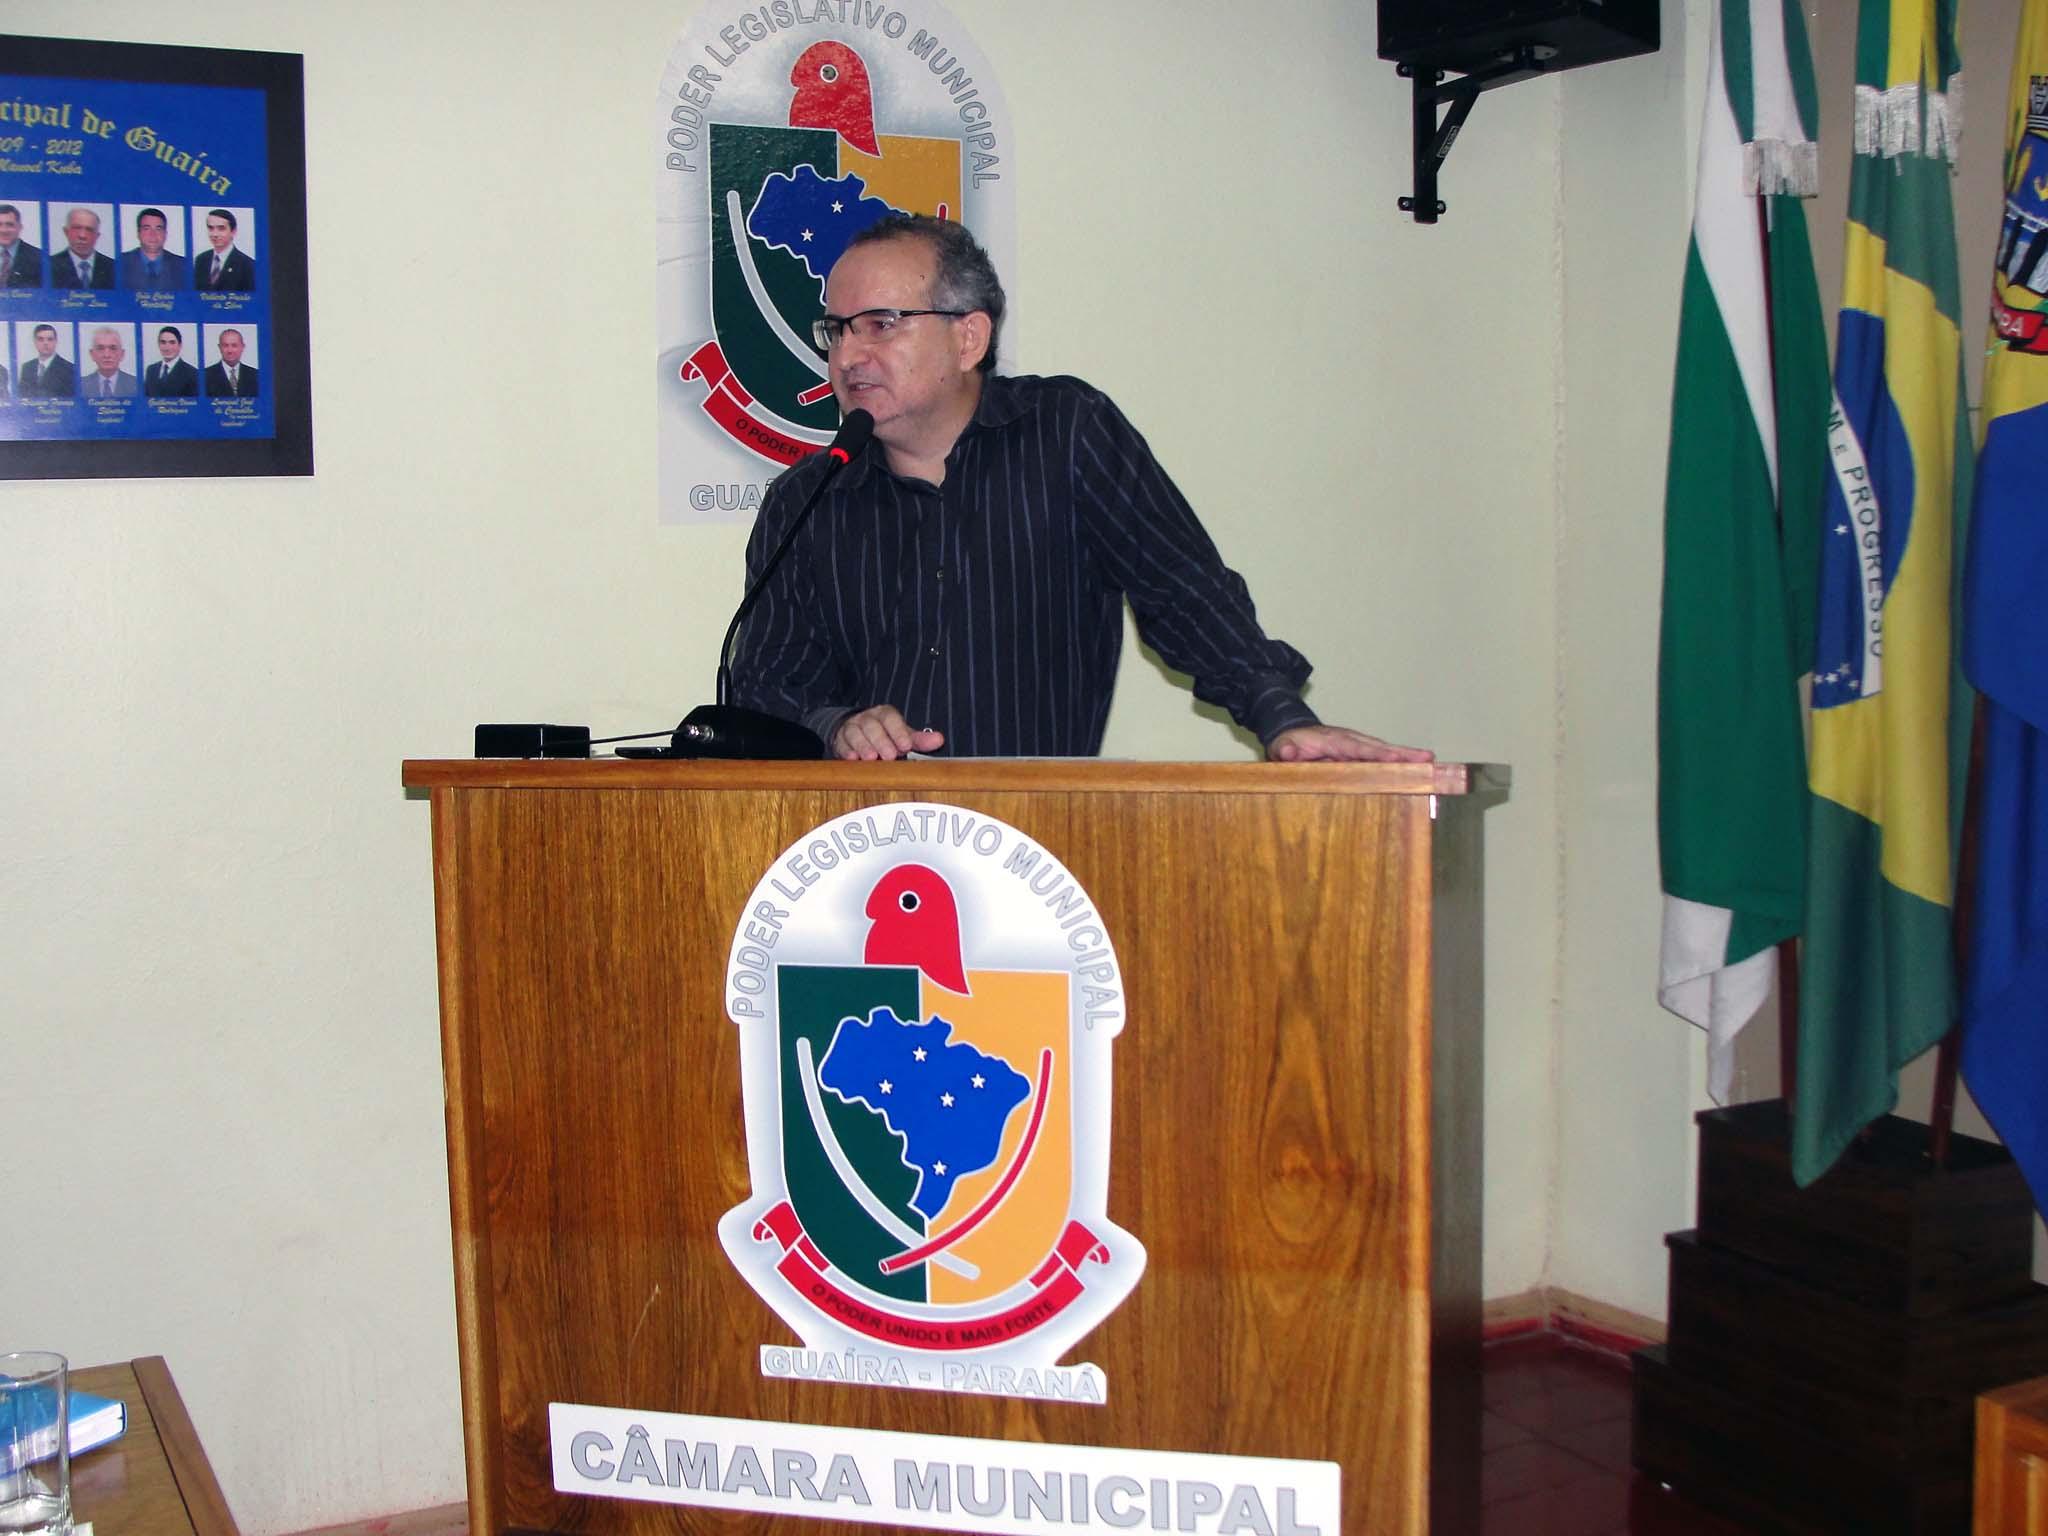 Prefeito Fabian Vendrusculo deseja sucesso aos legisladores na reuni�o da C�mara